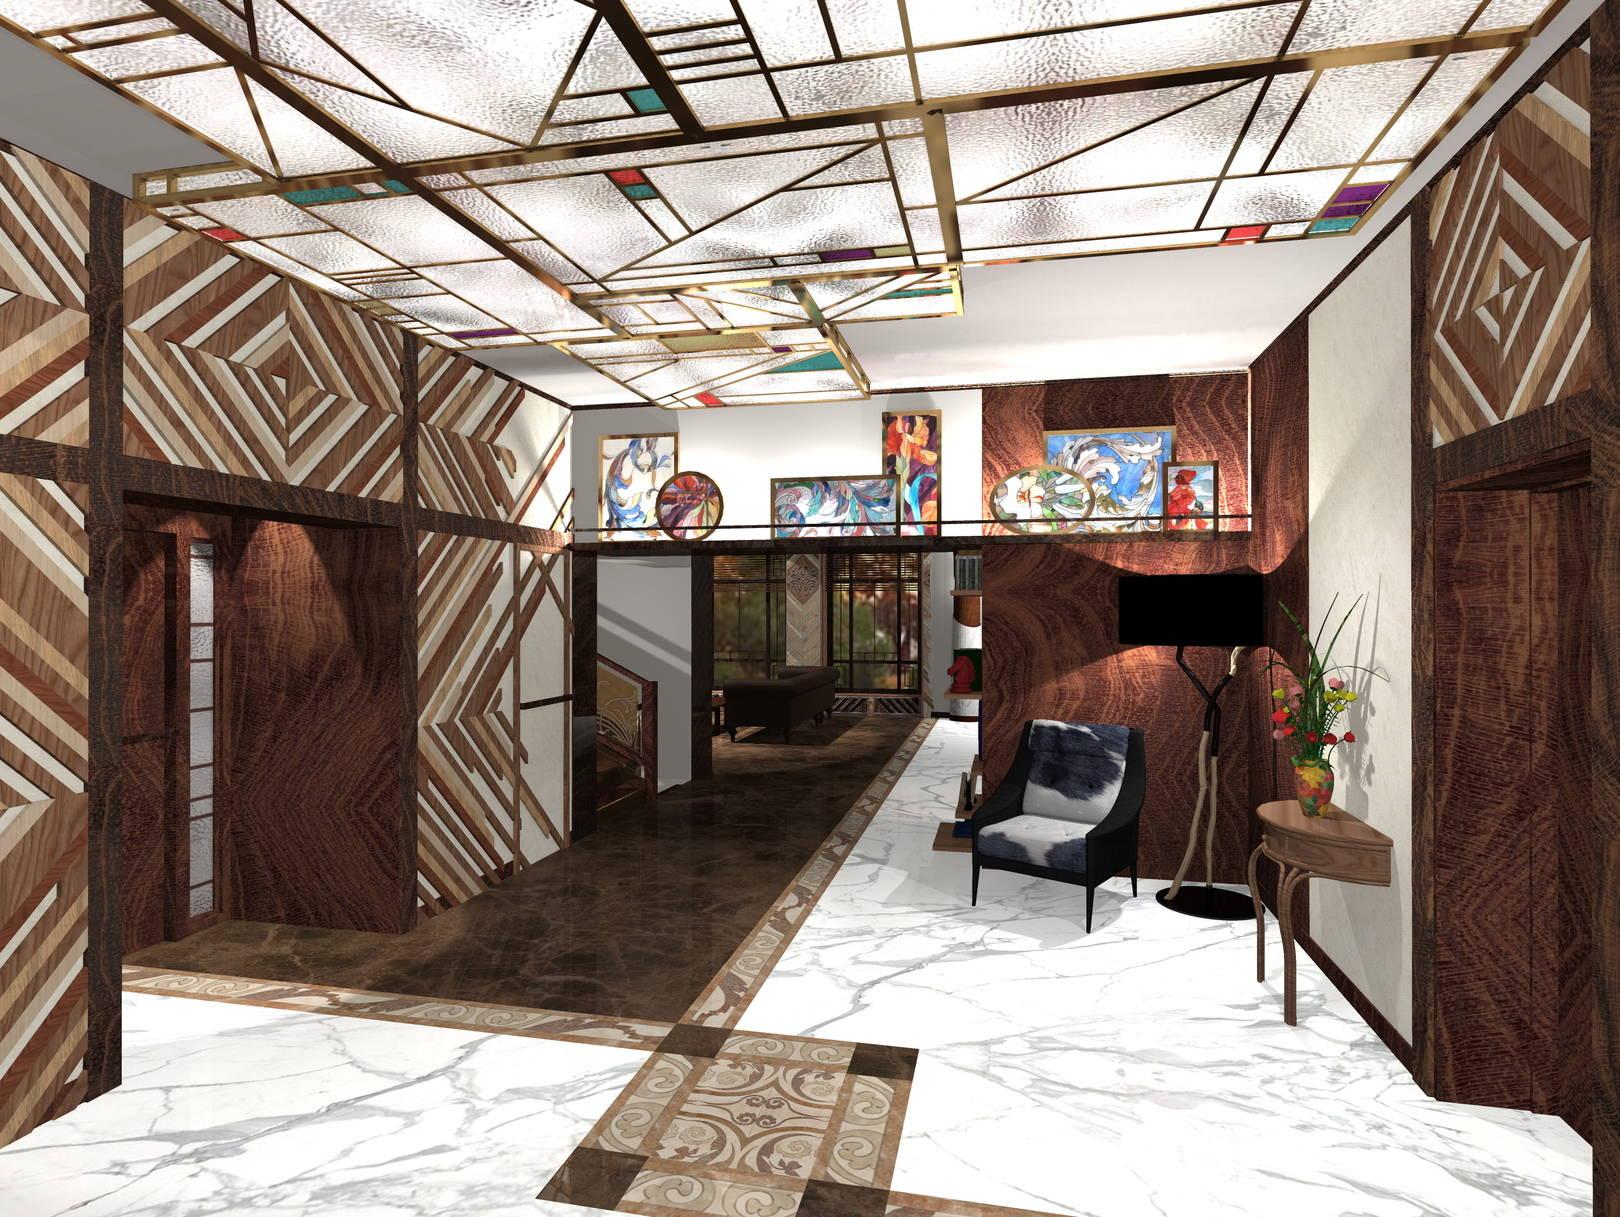 Геометрический витражный плафон в холле, деревянной панно